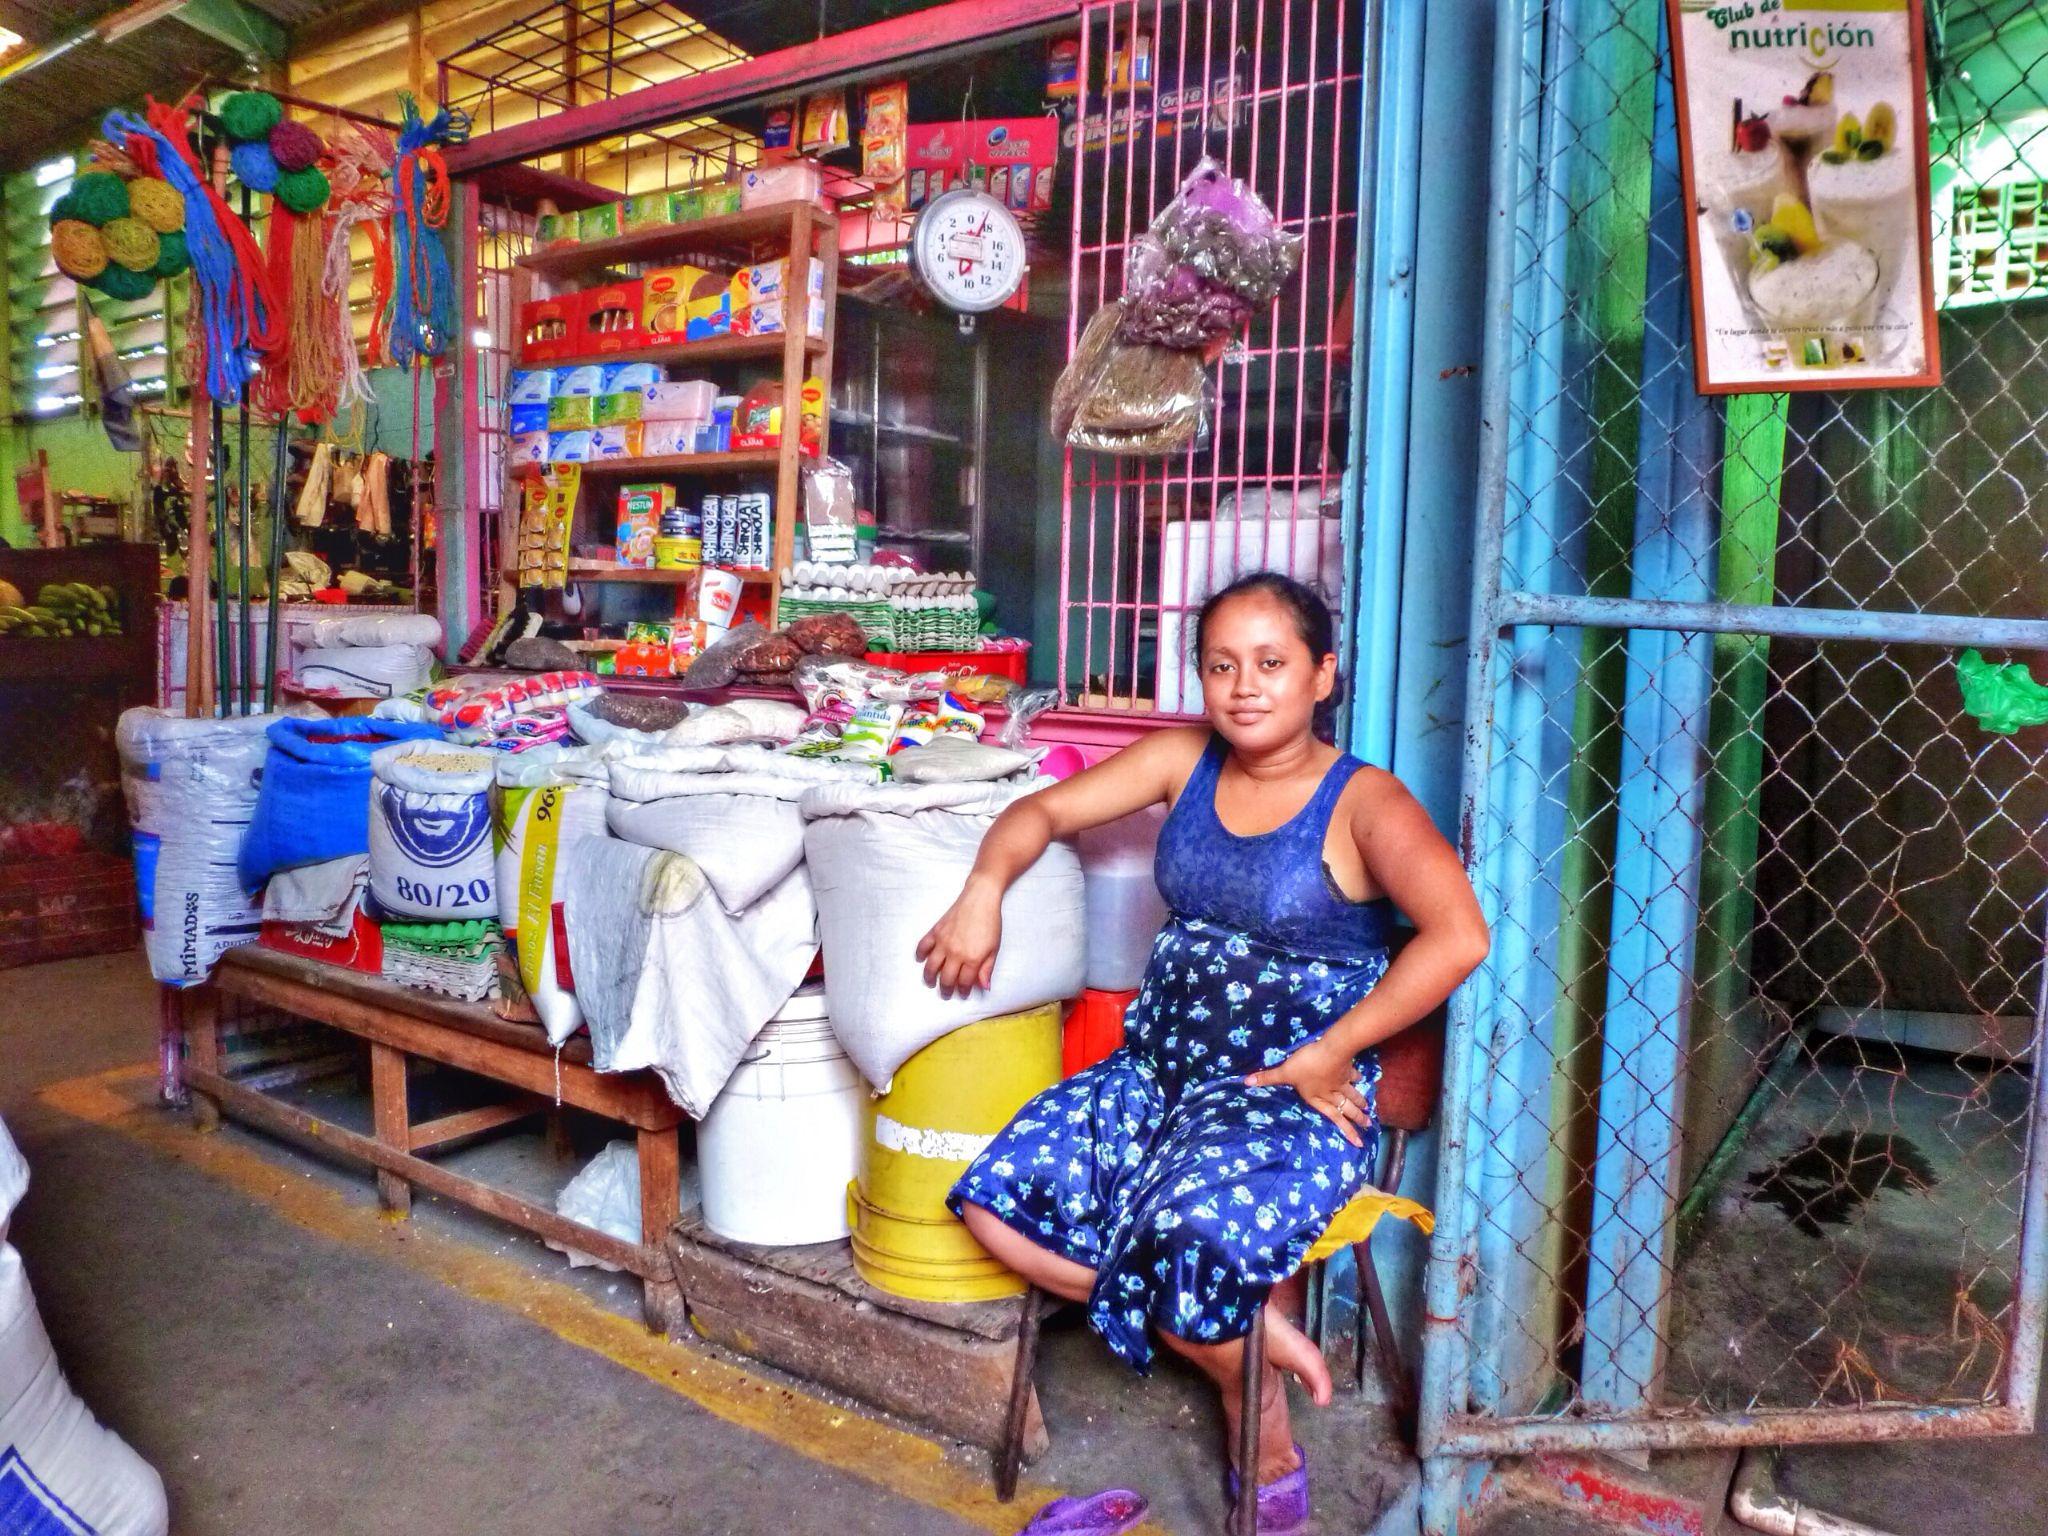 Vendedora en el mercado de San Judas, Managua. Nicaragua. by juanalopez